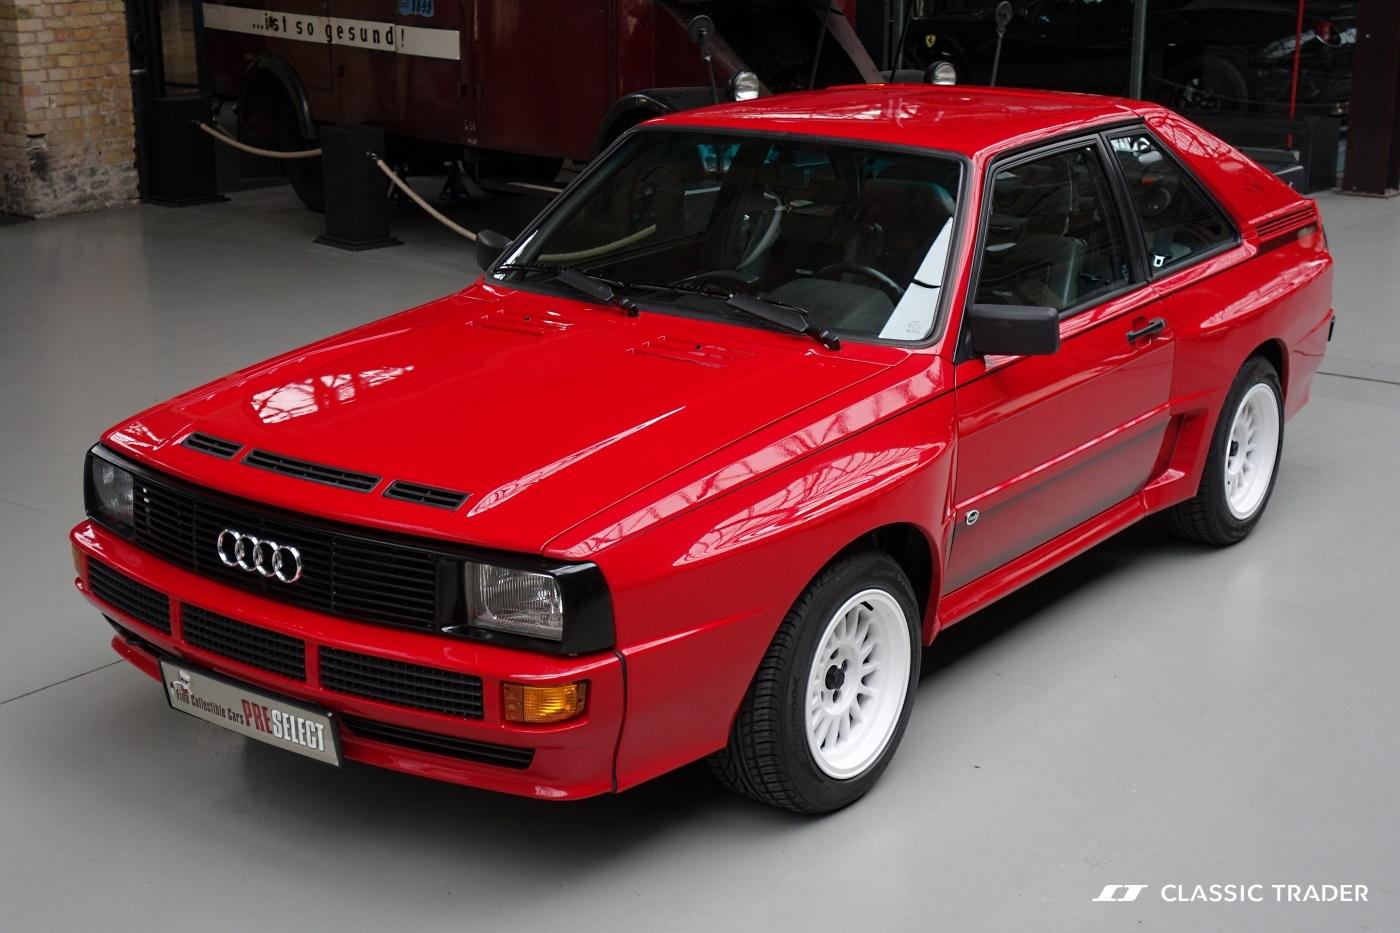 Premium price scored on Classic Trader for Audi Sport quattro | audi sports car price